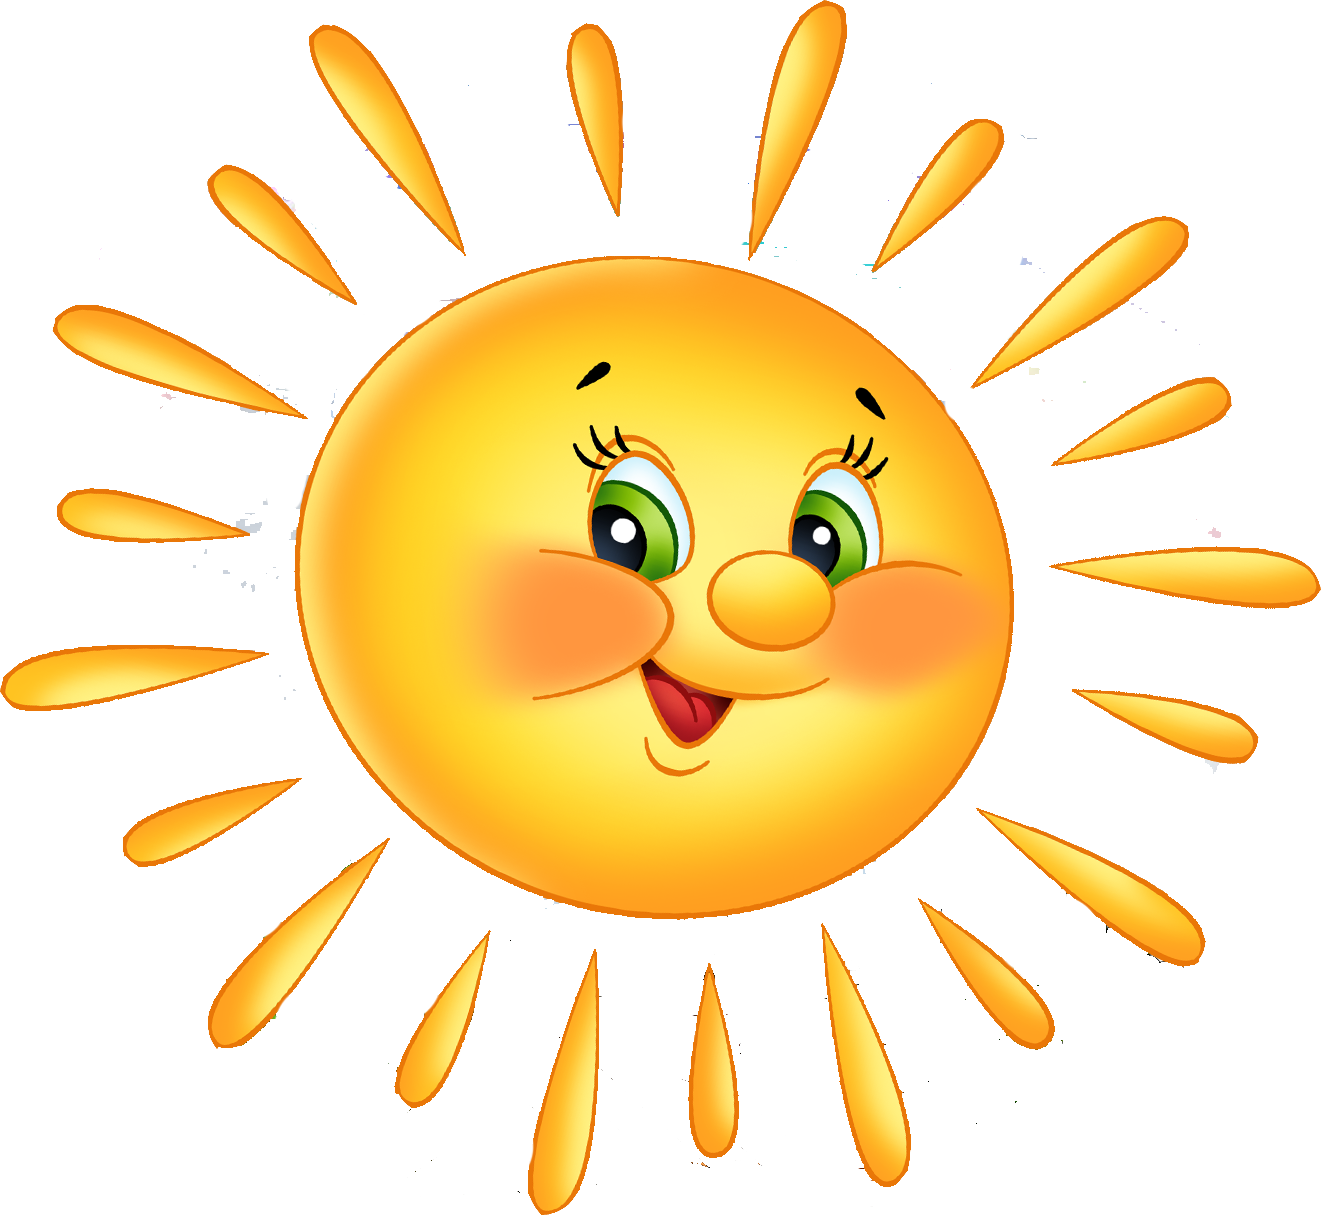 Картинка прикольная солнце, для вставки картинки